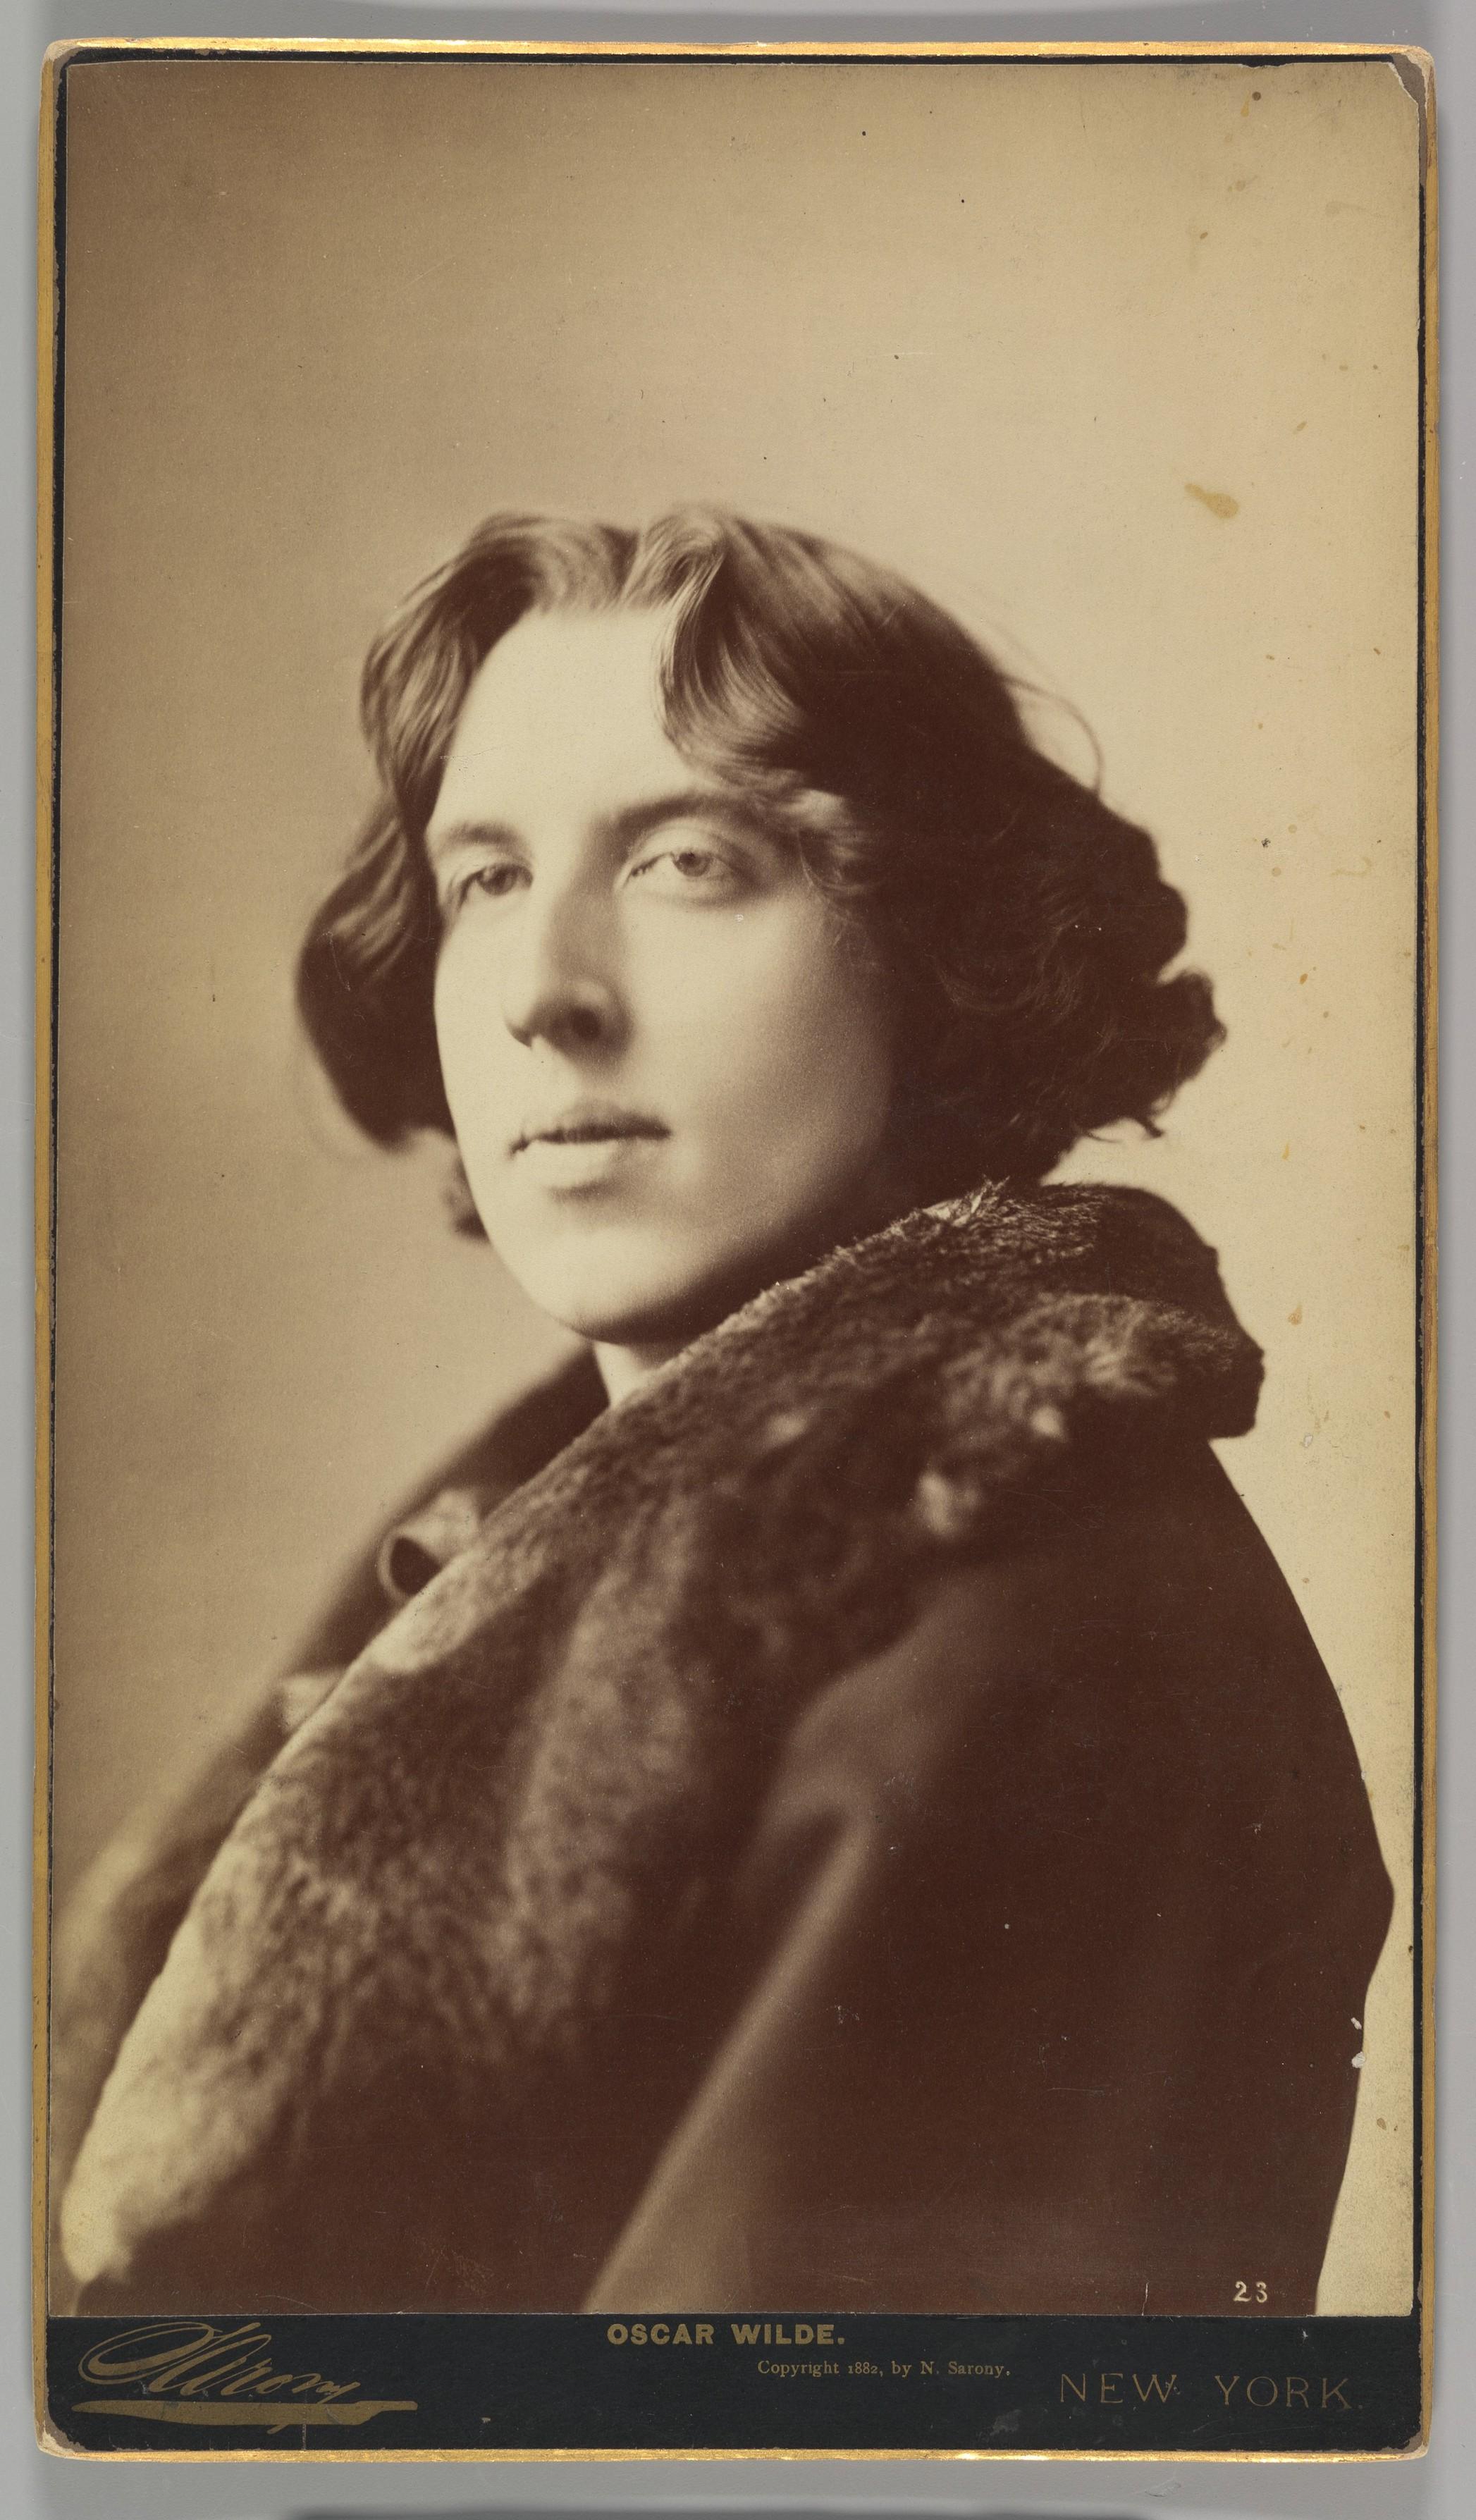 Oscar Wilde photo #105517, Oscar Wilde image